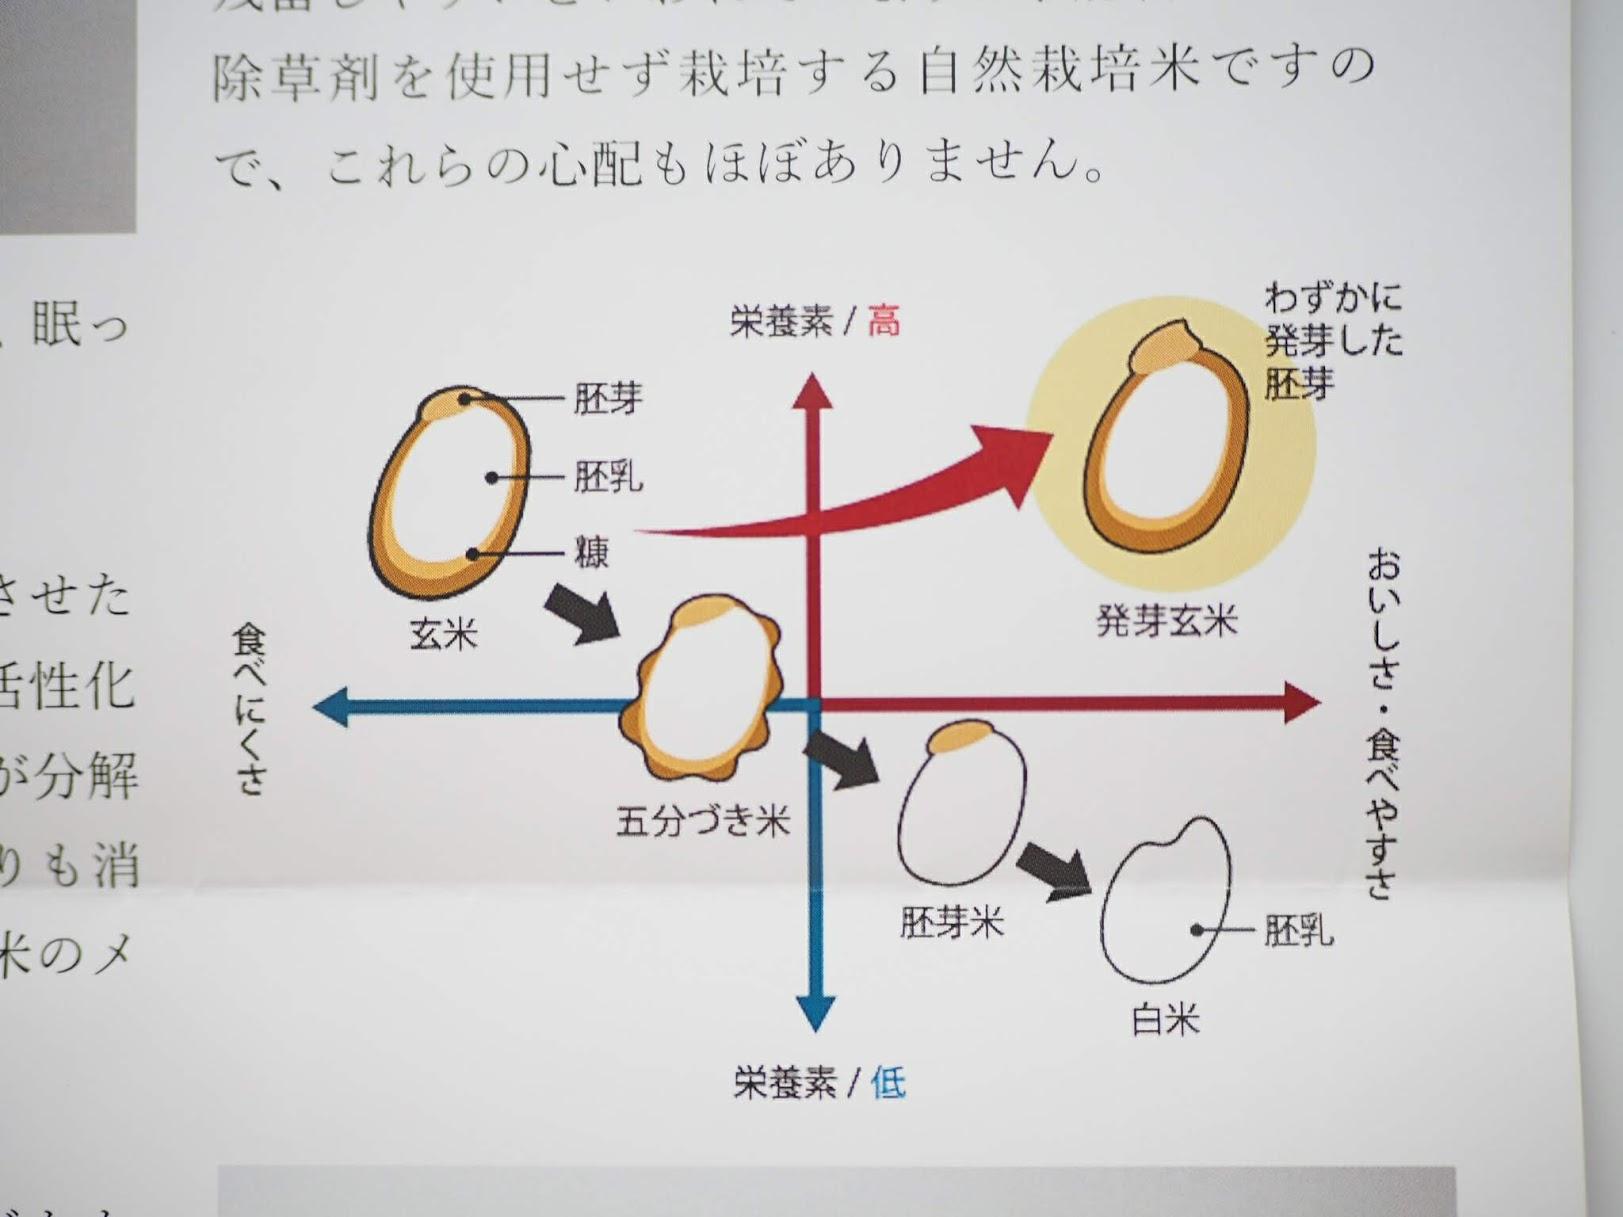 玄米・五分づき米・胚芽米・白米の違いを分かりやすい図で説明している